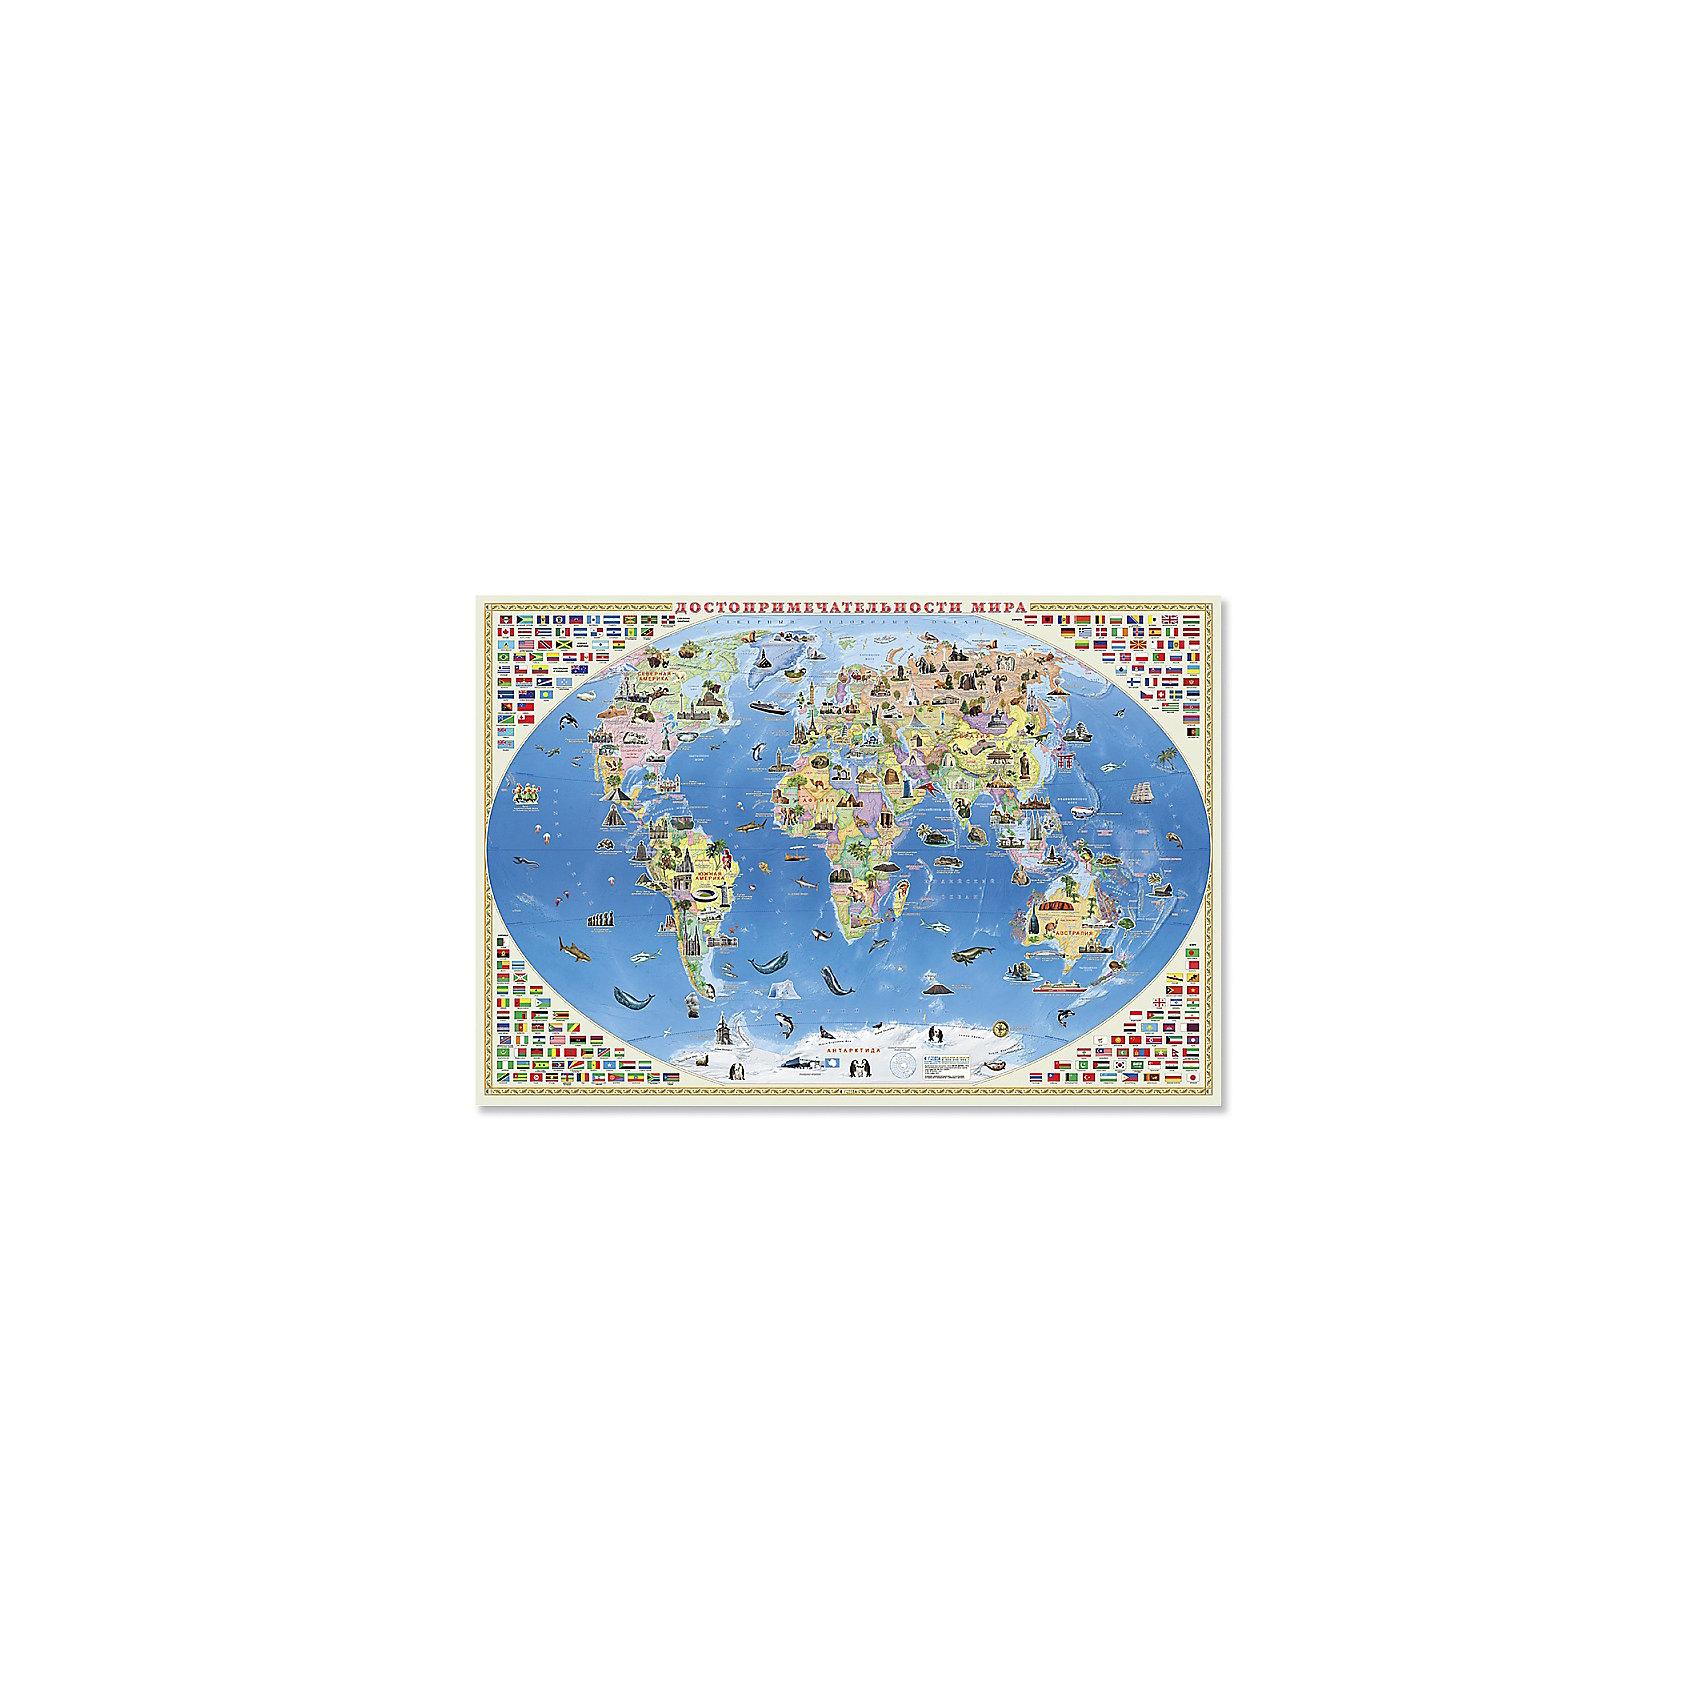 Настенная карта Достопримечательности мира 101*69 см, ламинированнаяПлакаты и карты<br>Как посмотреть все самые красивые и необычные достопримечательности из разных уголков мира не выходя из дома? С настенной картой «Достопримечательности мира» от издательства «ГЕОДОМ» вы сможете познакомиться с культурным и историческим наследием разных стран, изучить их государственные флаги. На карте также показаны представители животного мира, которые обитают на континентах нашей планеты.<br><br>Ширина мм: 1010<br>Глубина мм: 690<br>Высота мм: 1<br>Вес г: 150<br>Возраст от месяцев: 36<br>Возраст до месяцев: 2147483647<br>Пол: Унисекс<br>Возраст: Детский<br>SKU: 5422997